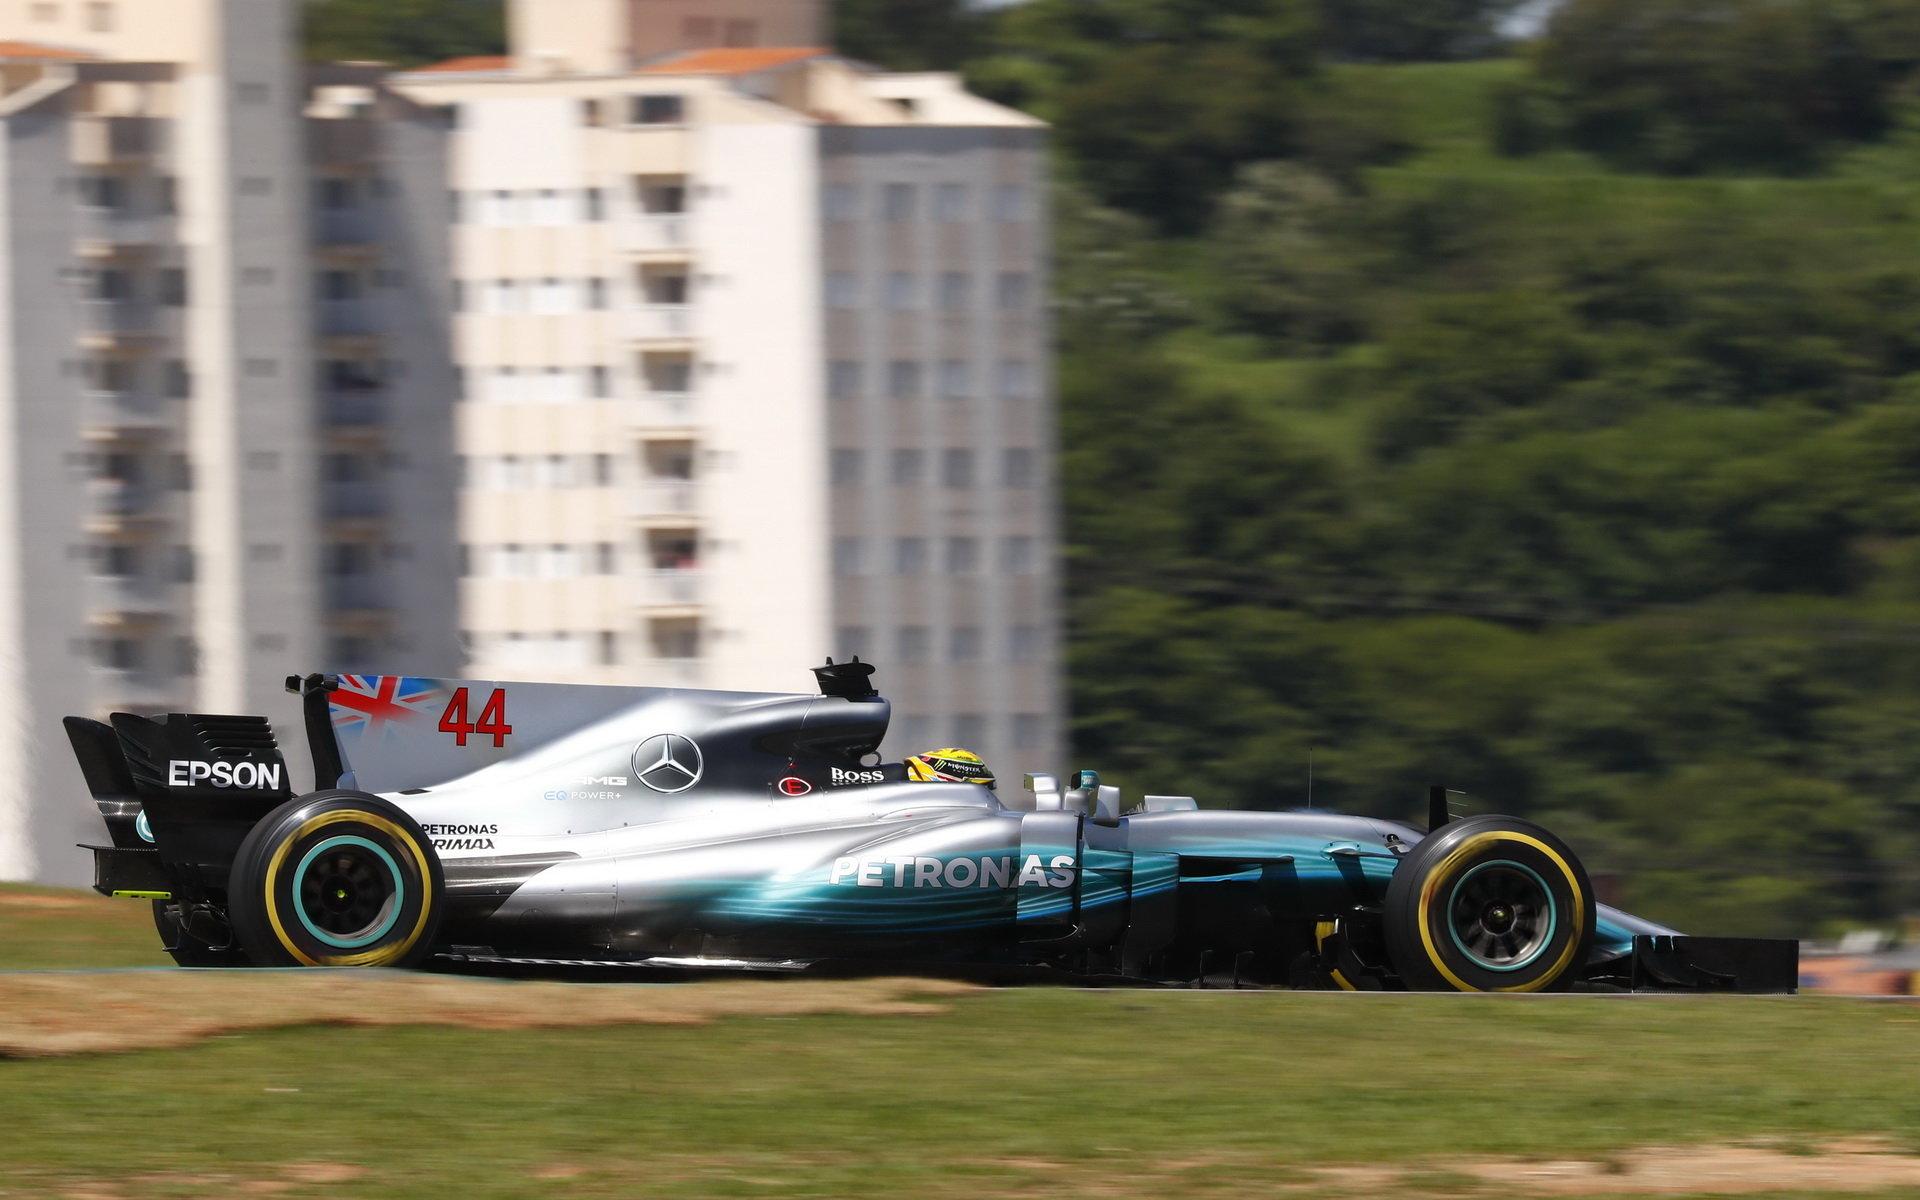 Lewis Hamilton se po startu z boxové uličky probojoval na čtvrté místo, Kimiho Räikkönena už předjet nedokázal - došly mu pneumatiky